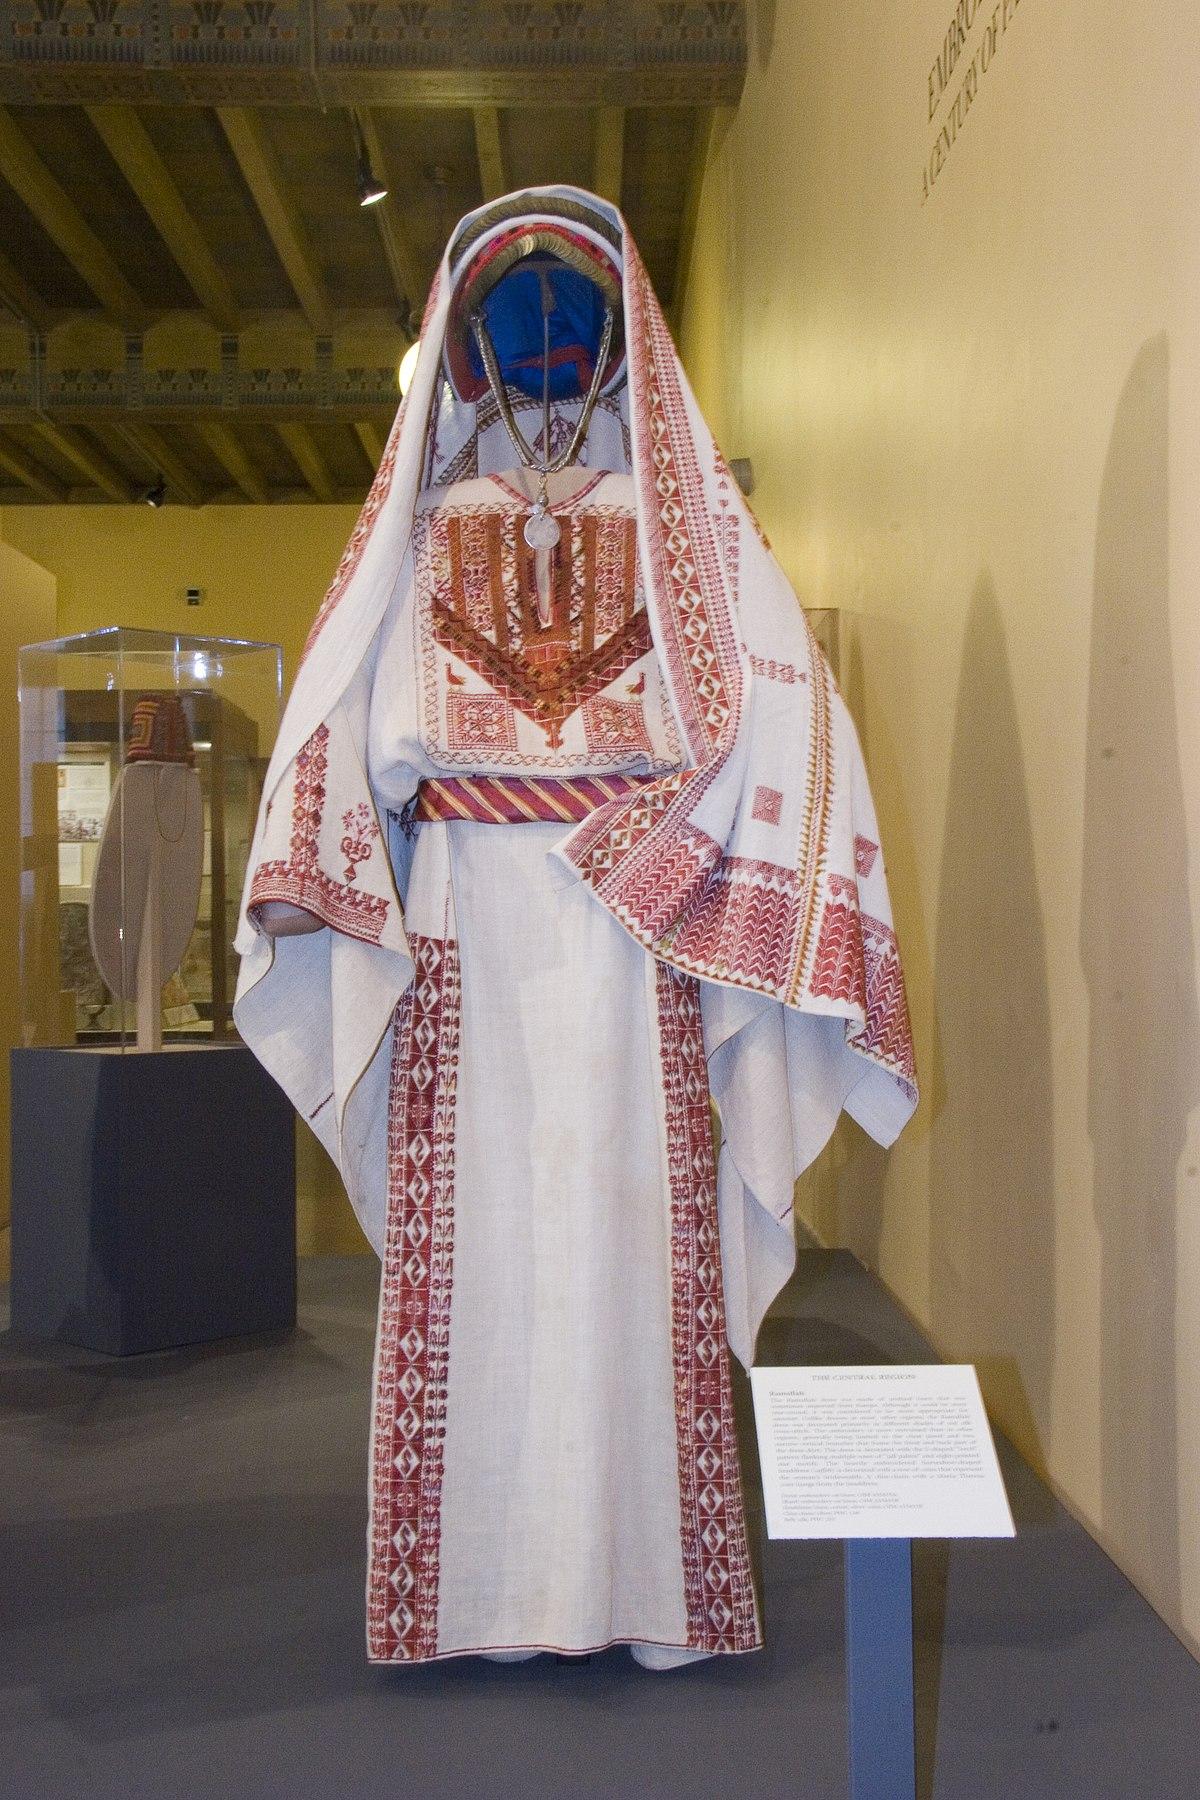 c5e0a8acceb65 زي تقليدي فلسطيني - ويكيبيديا، الموسوعة الحرة